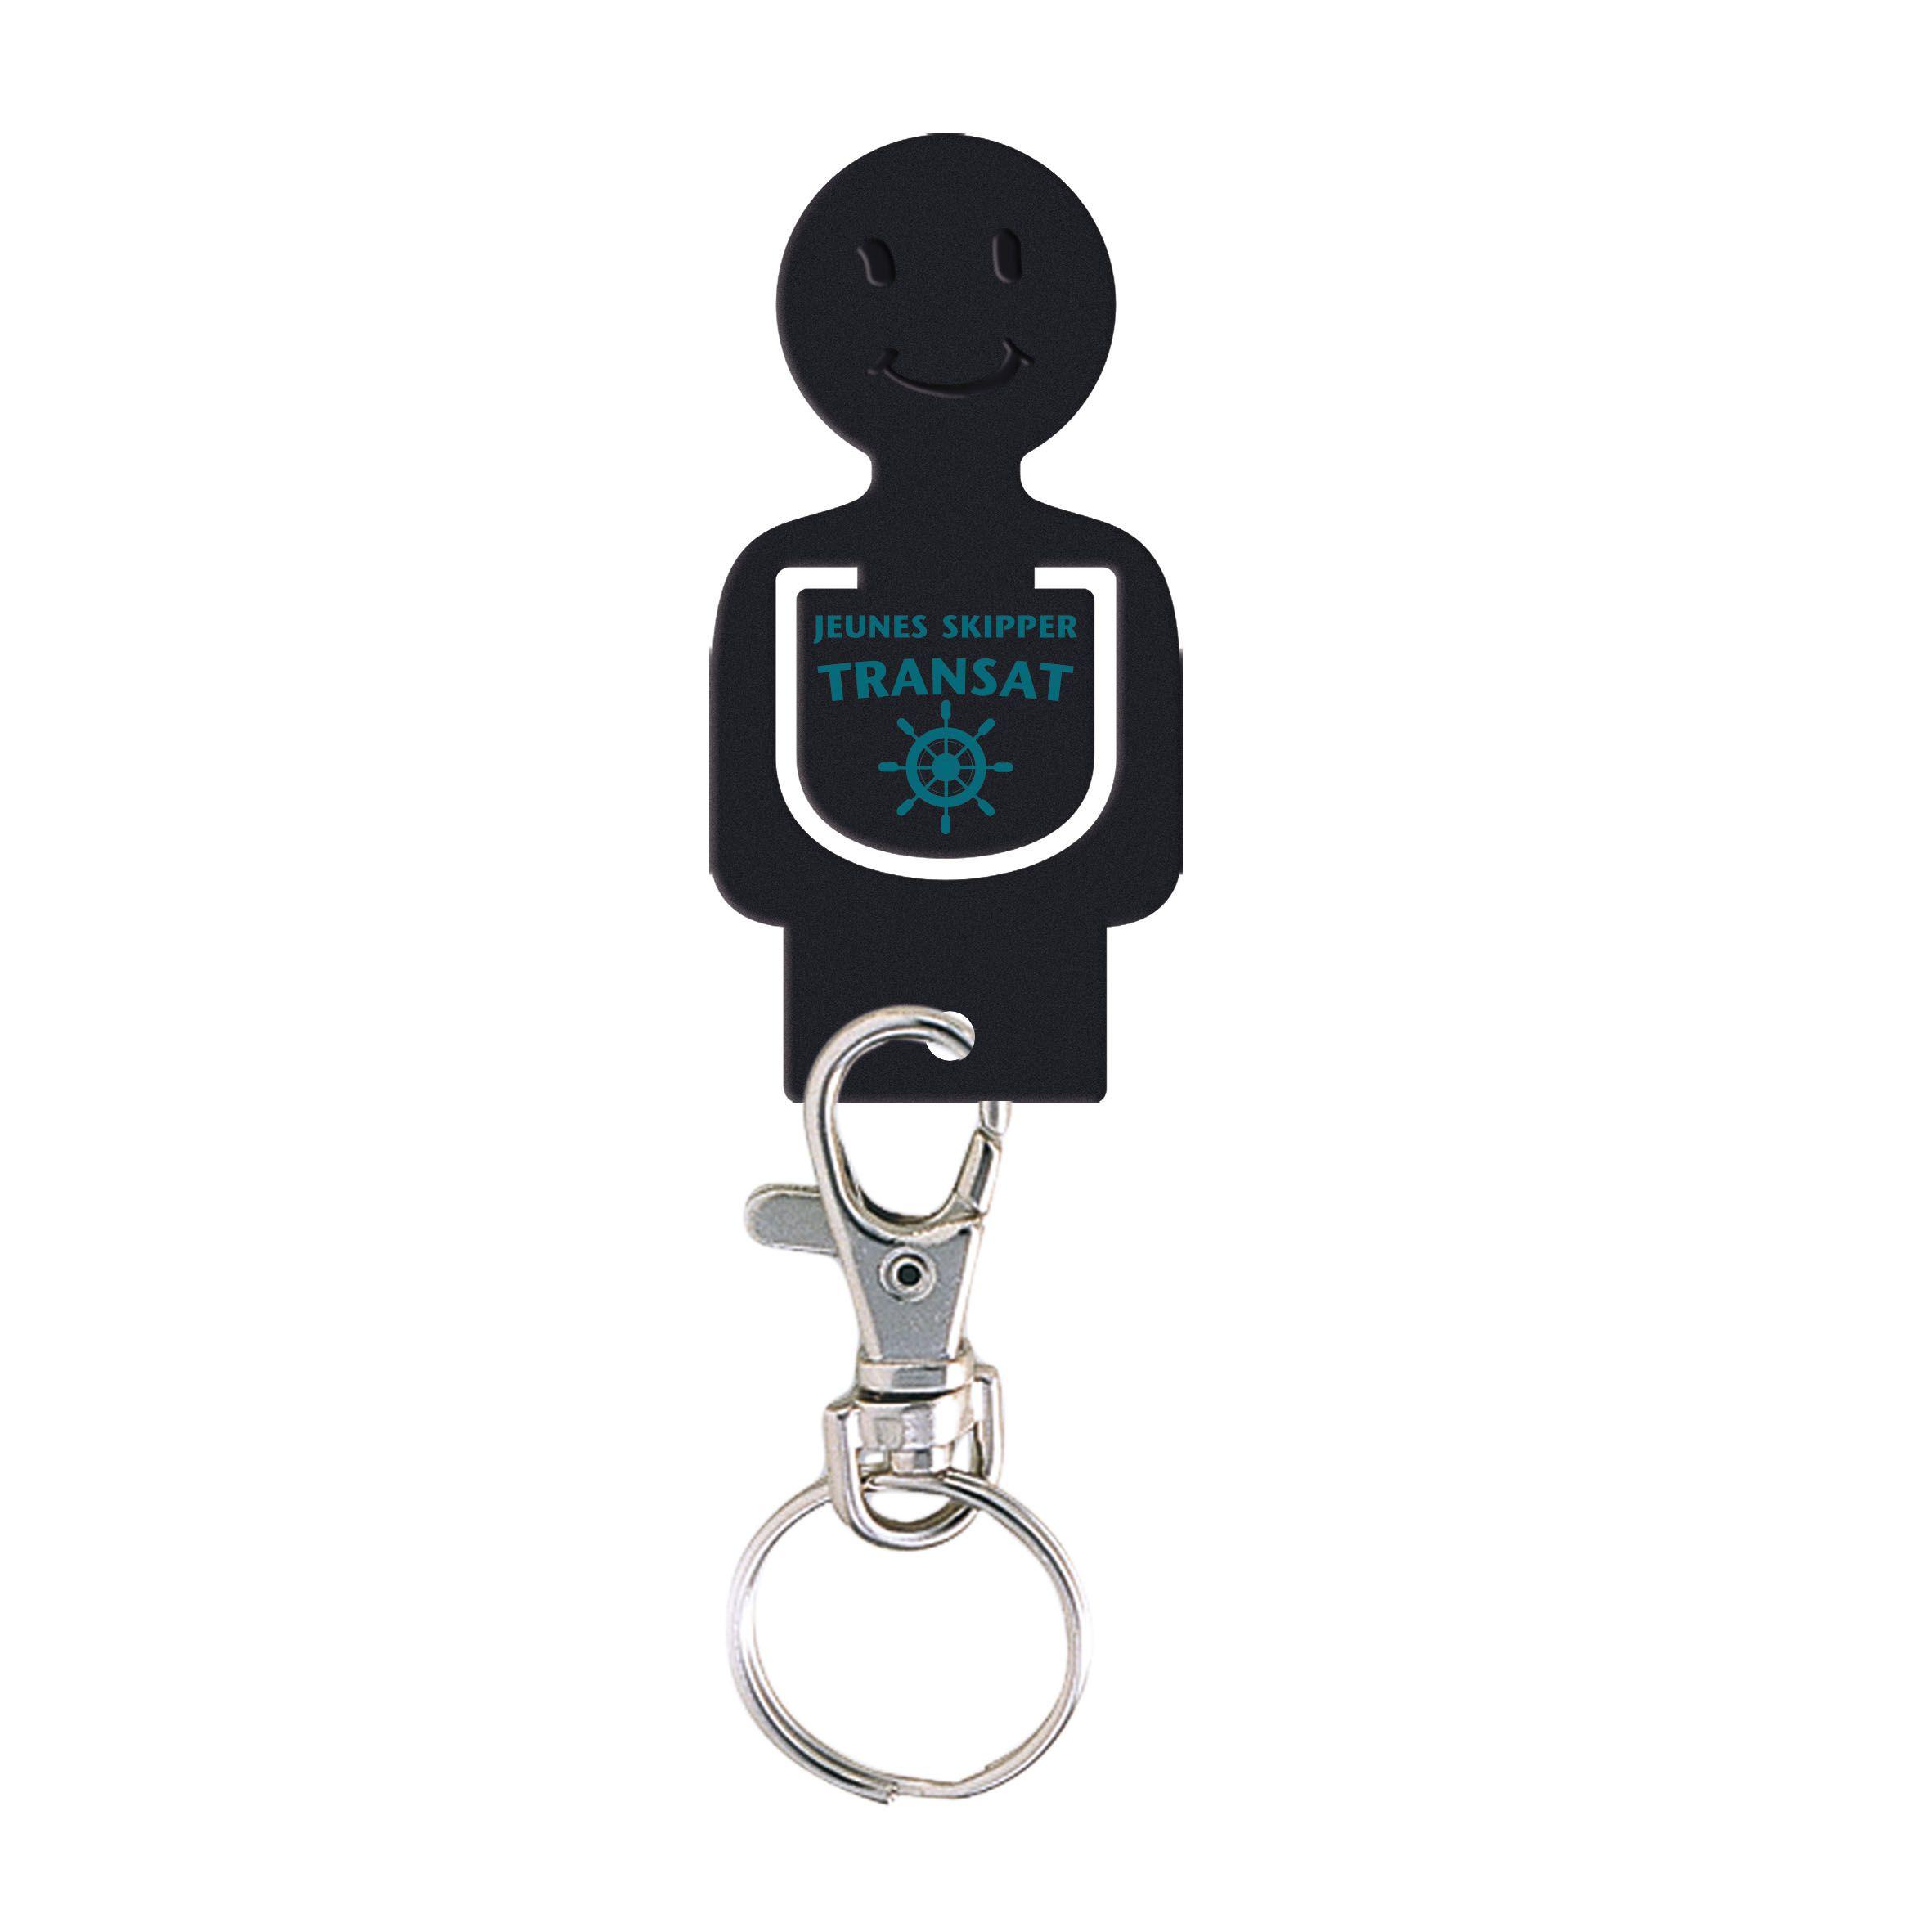 Porte-clés personnalisable jeton caddie Figurine - Goodies salon